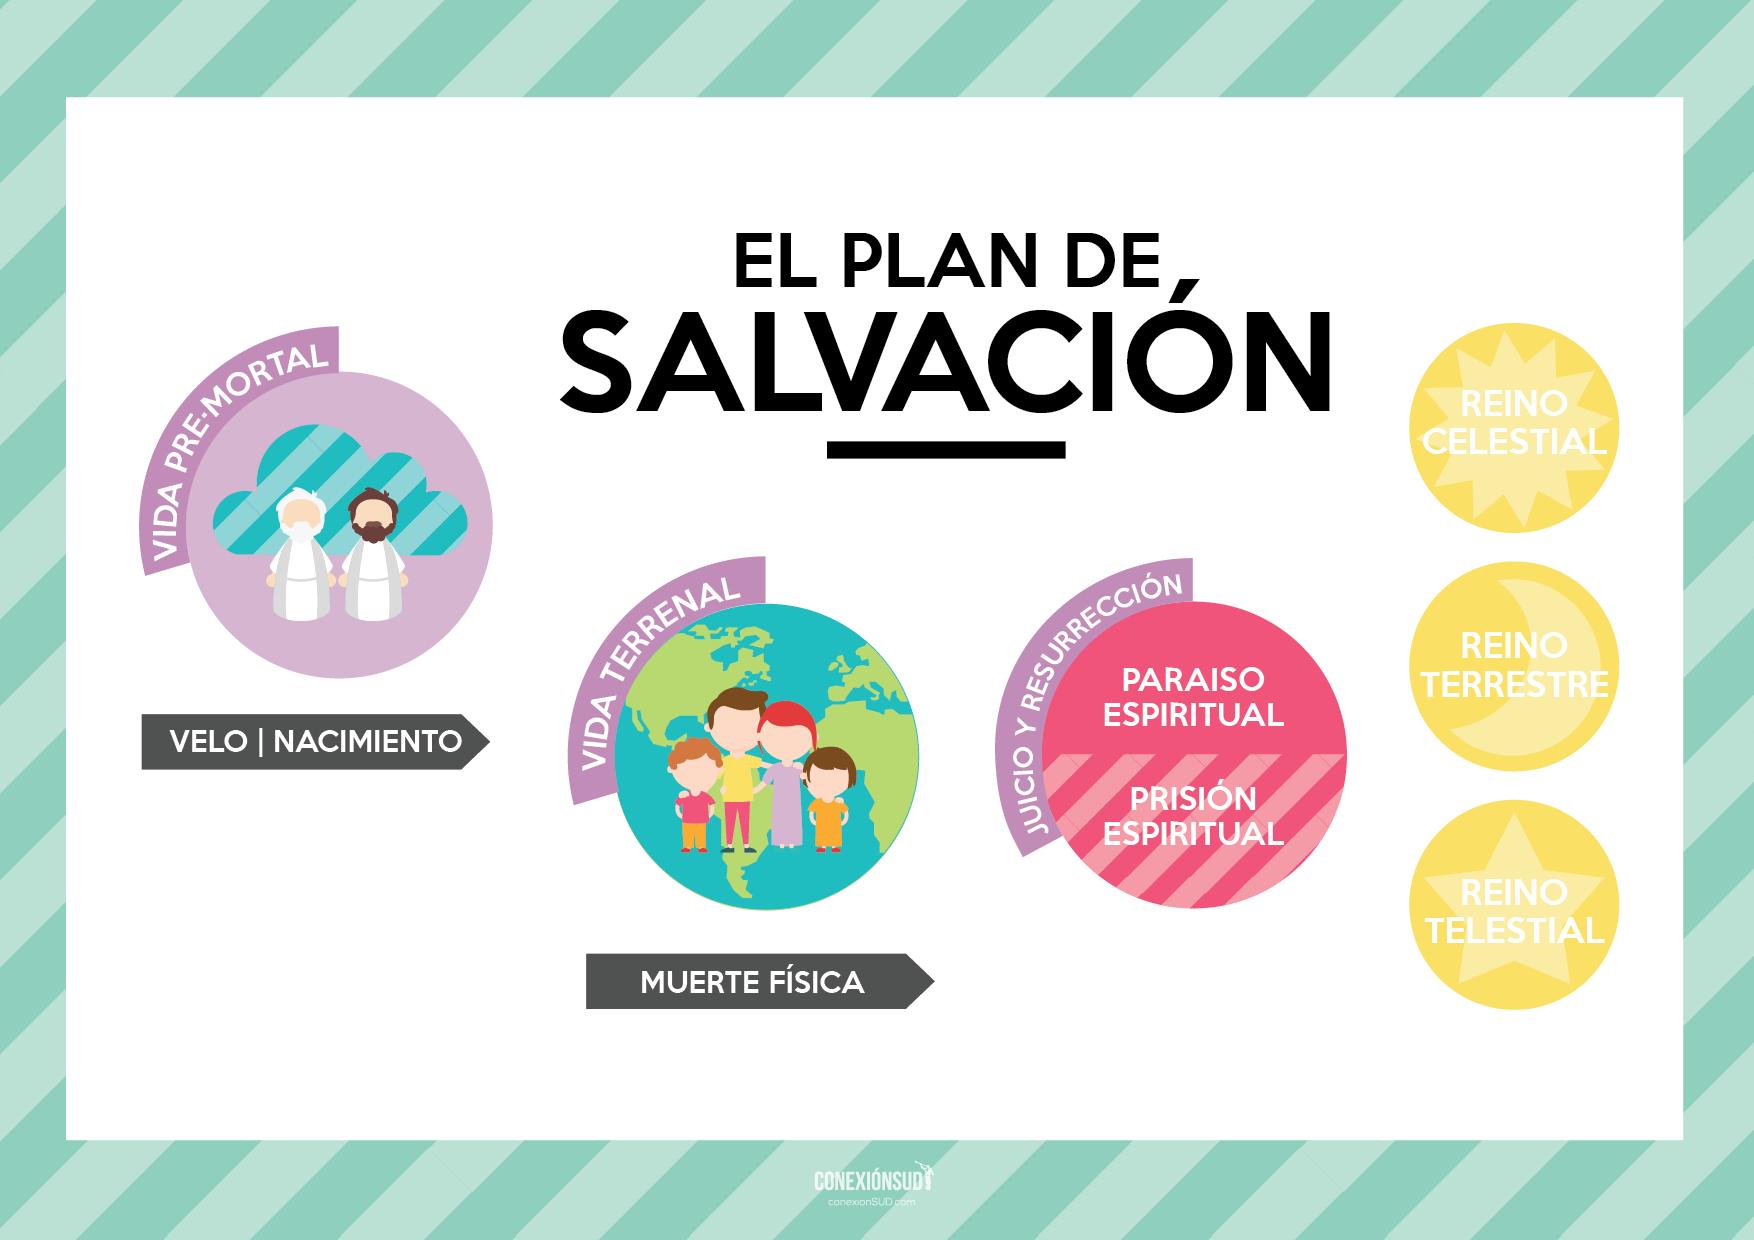 Plan de Salvacion-ConexionSUD-04-06